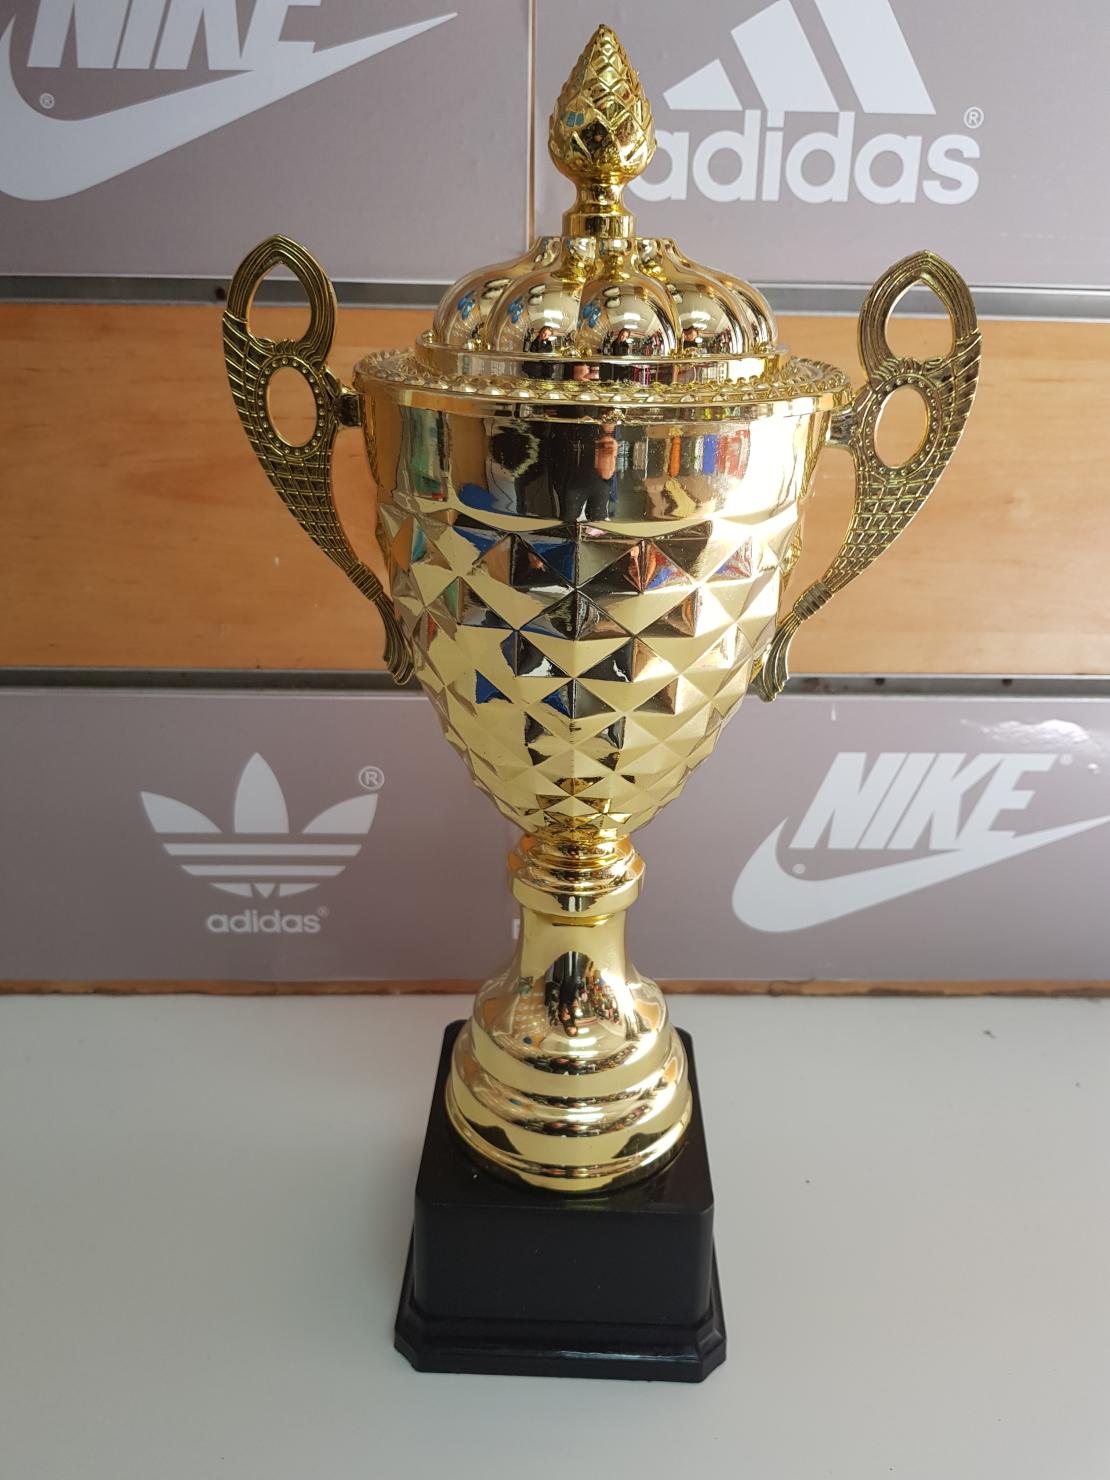 גביע זהב גדול